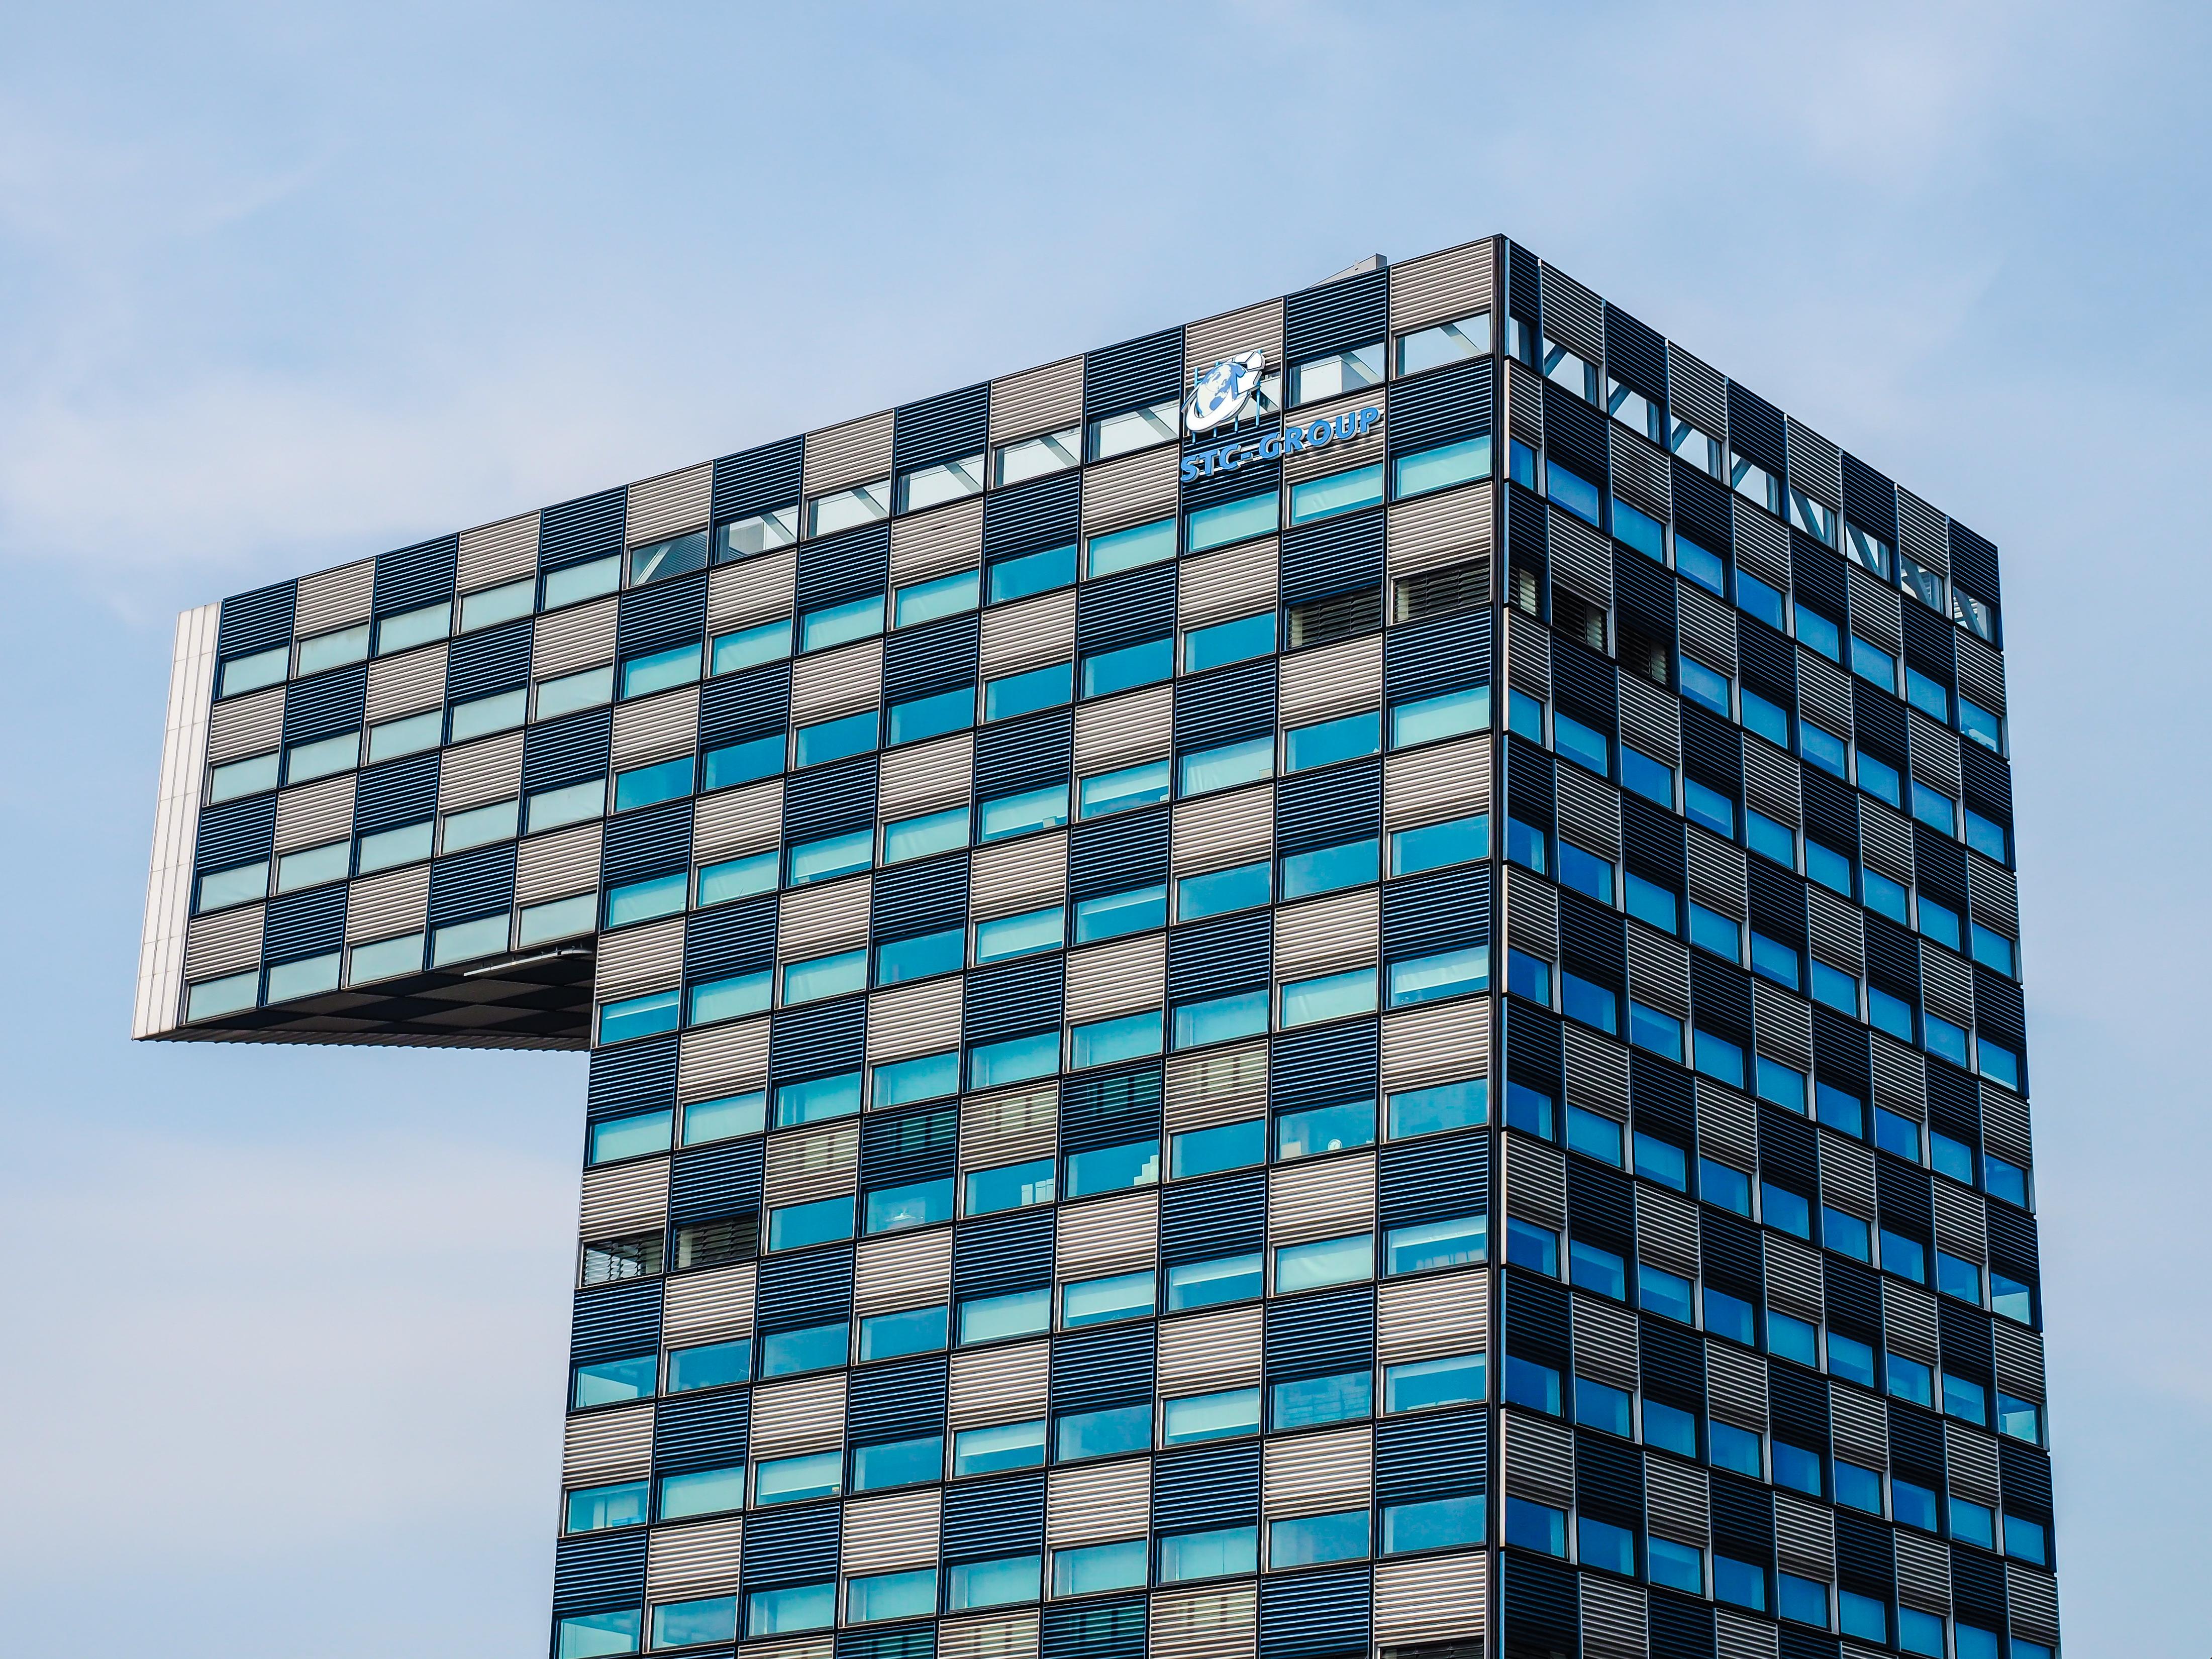 Urban_Architektur-34